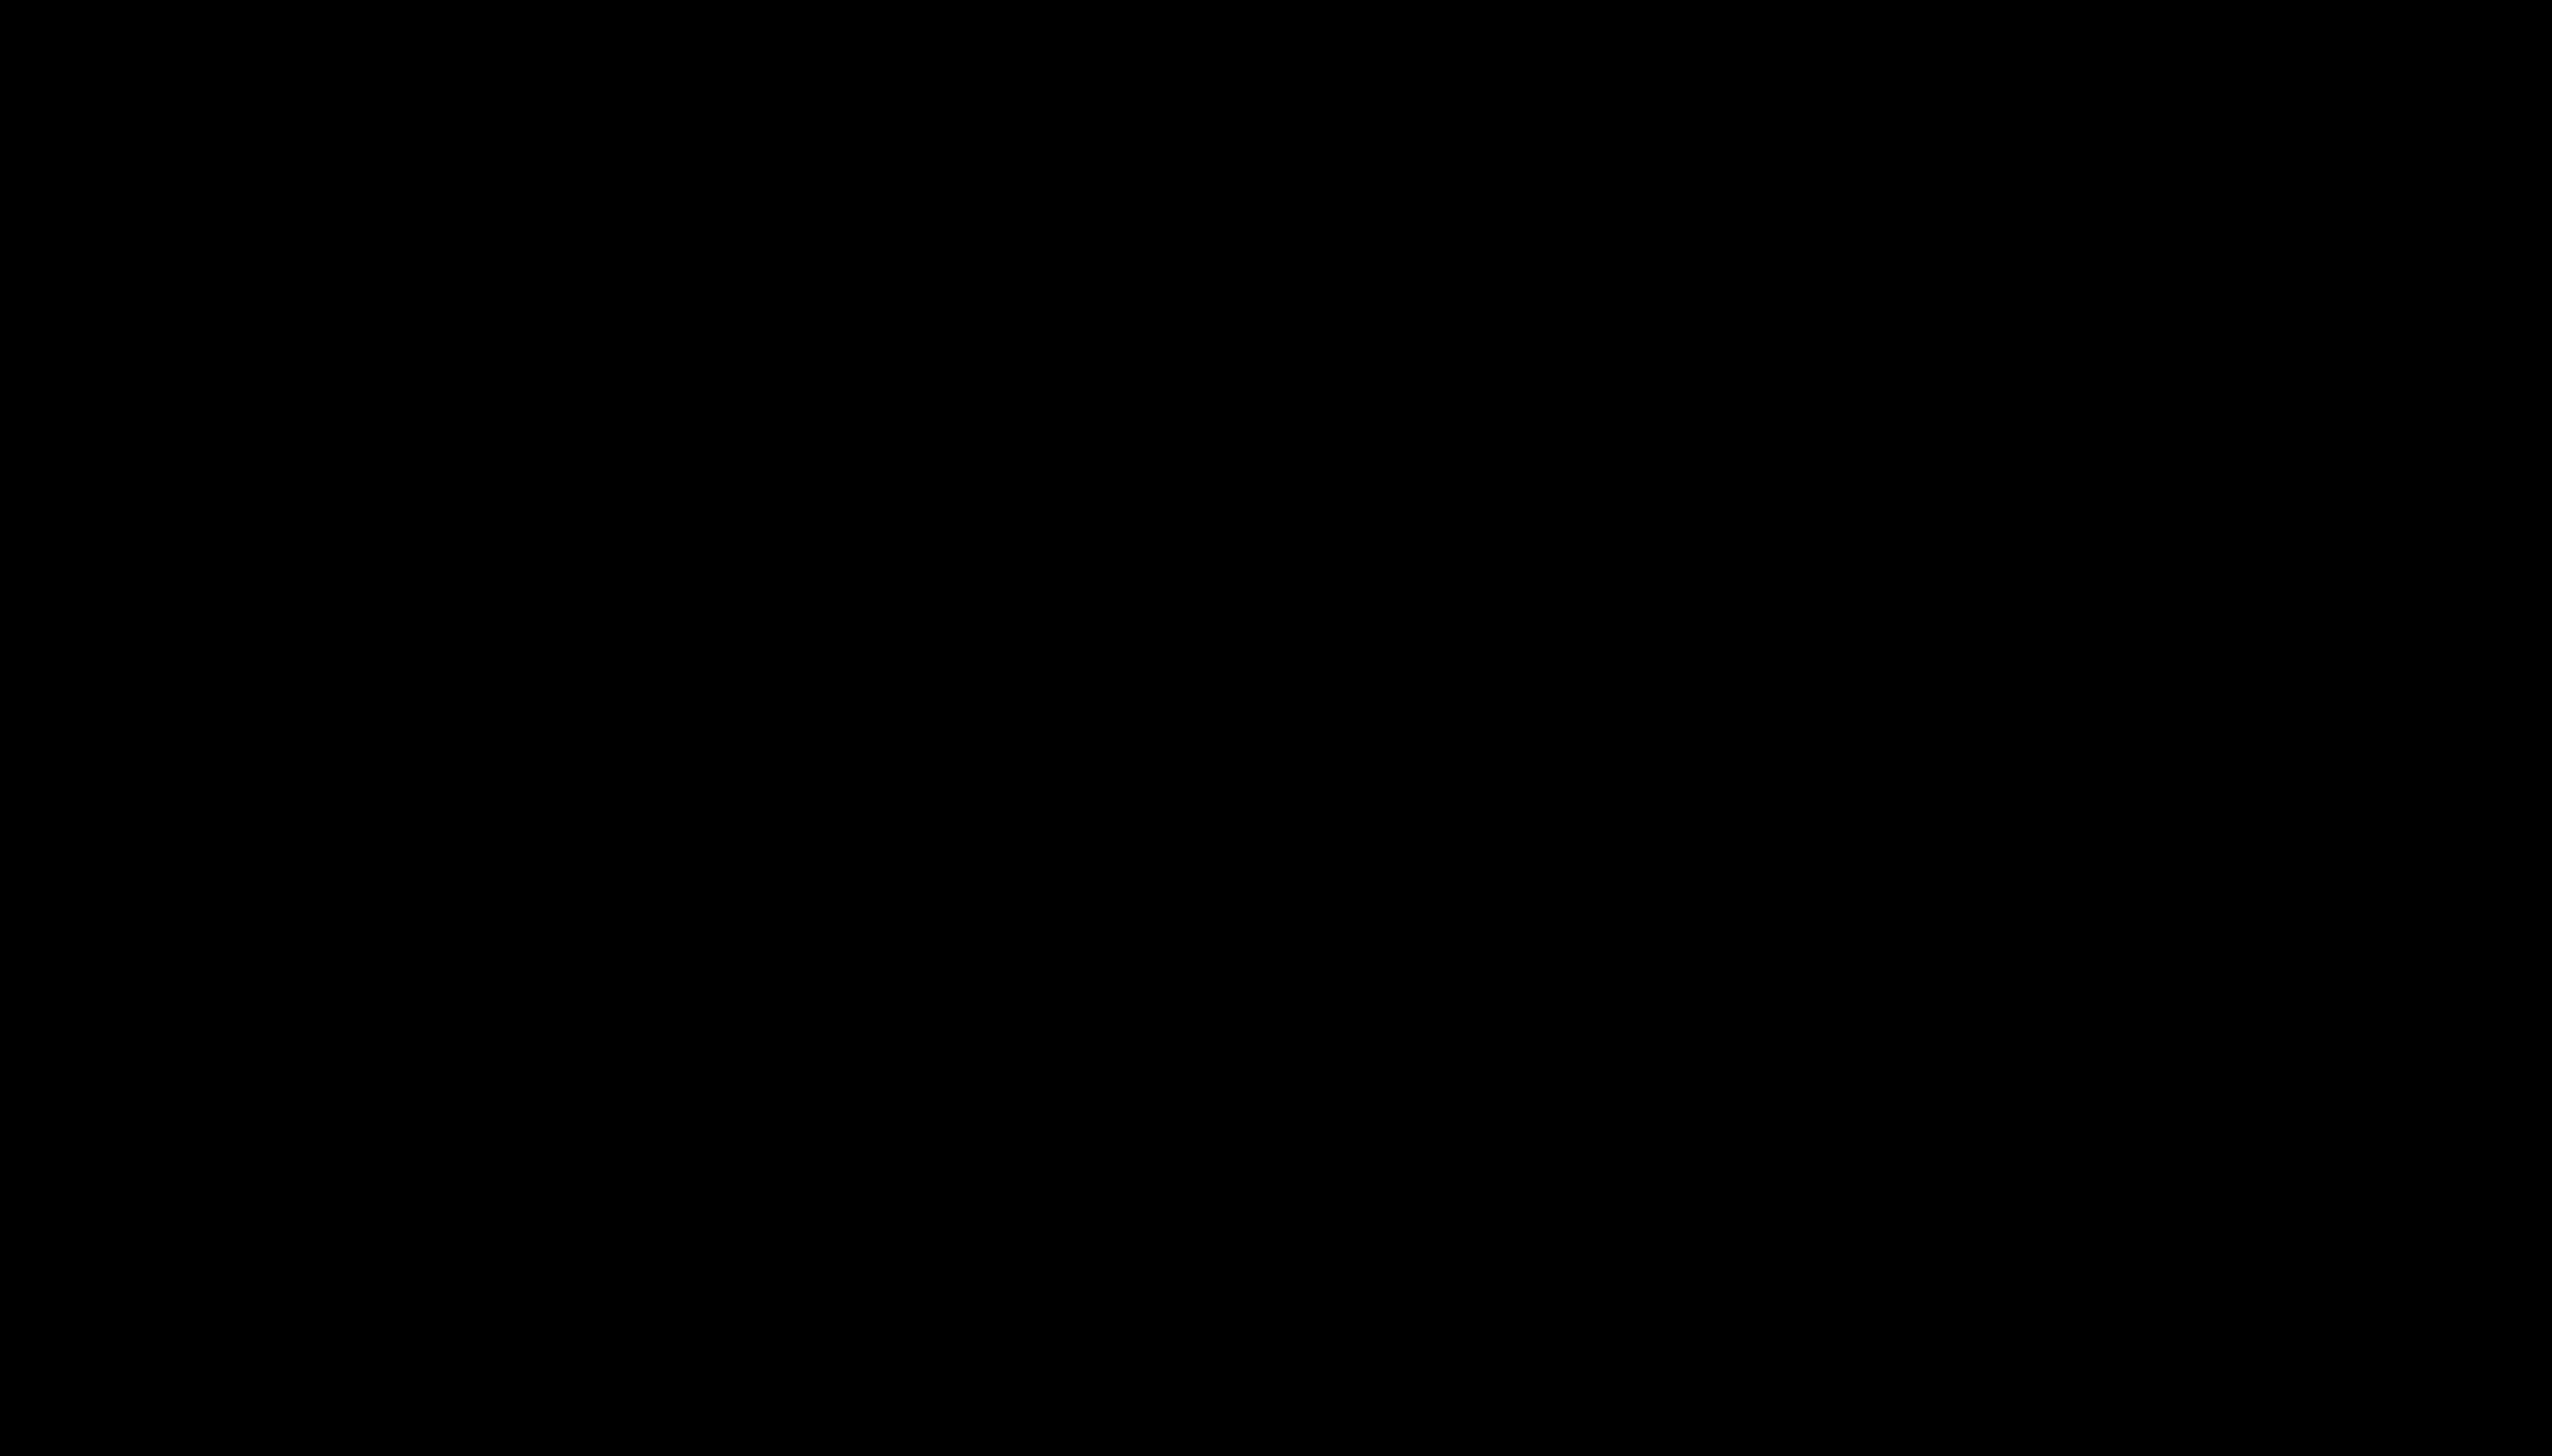 nespresso  u2013 logos download